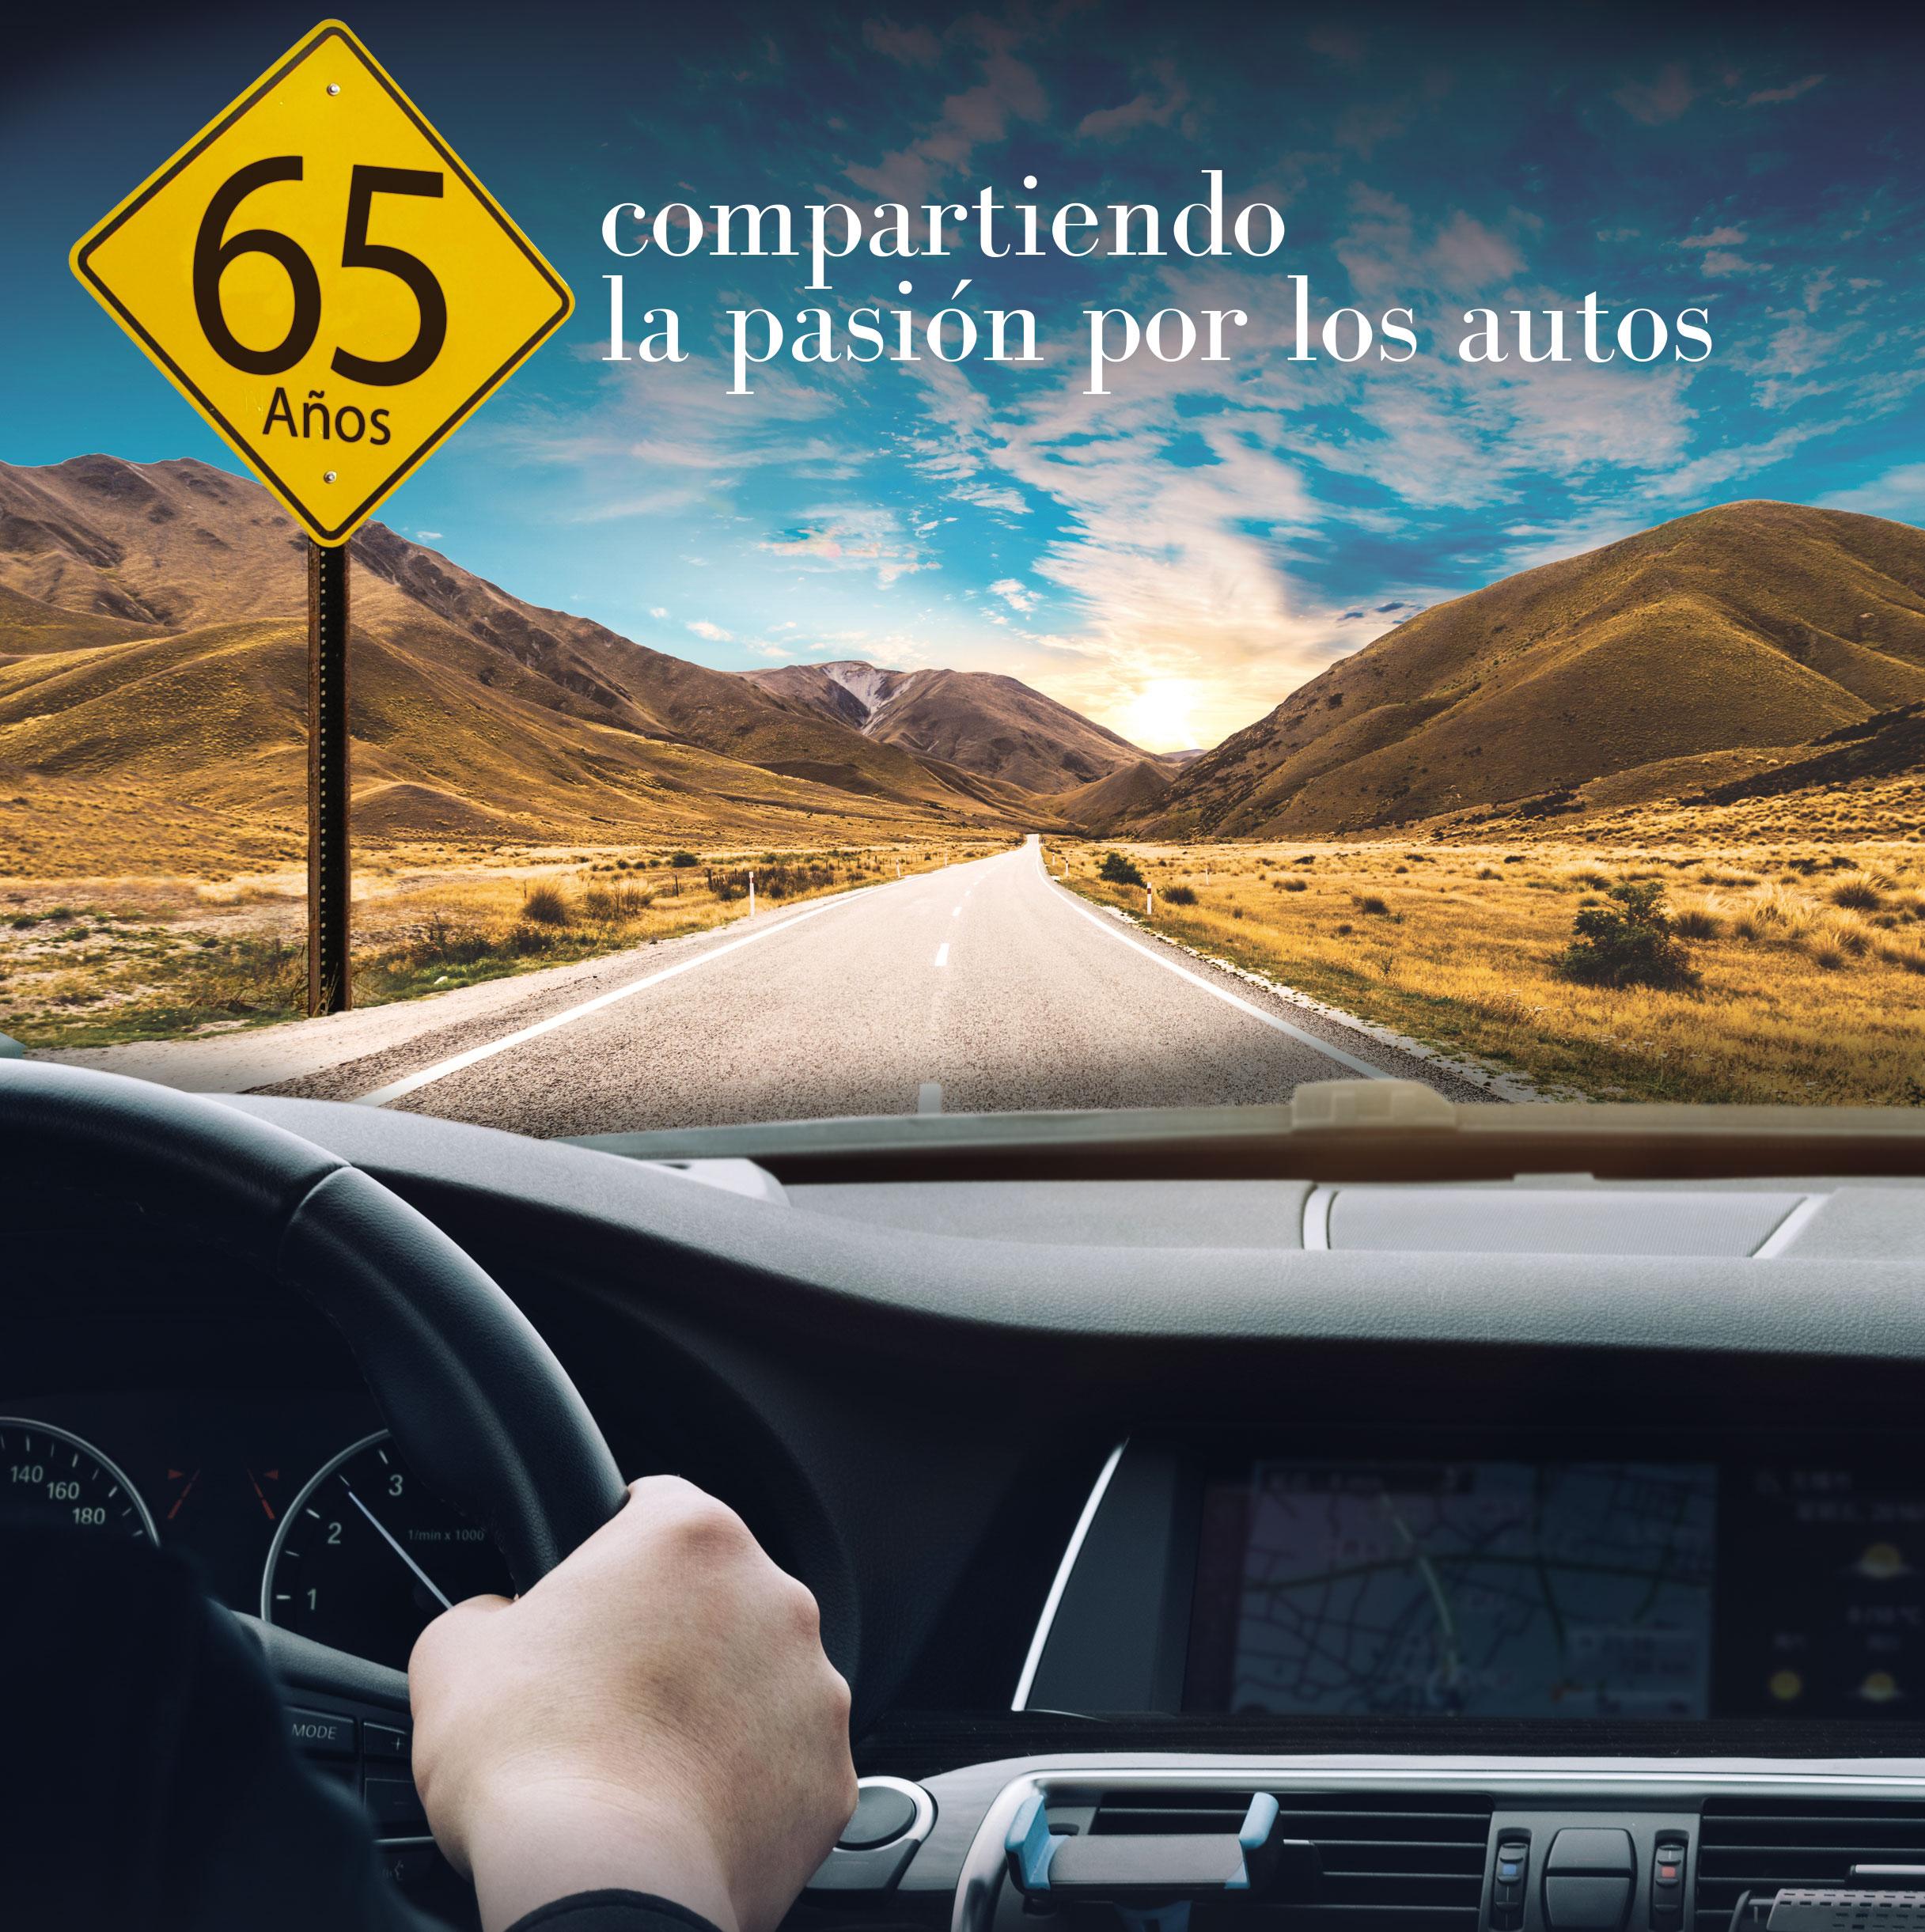 65 años compartiendo la pasión por los autos